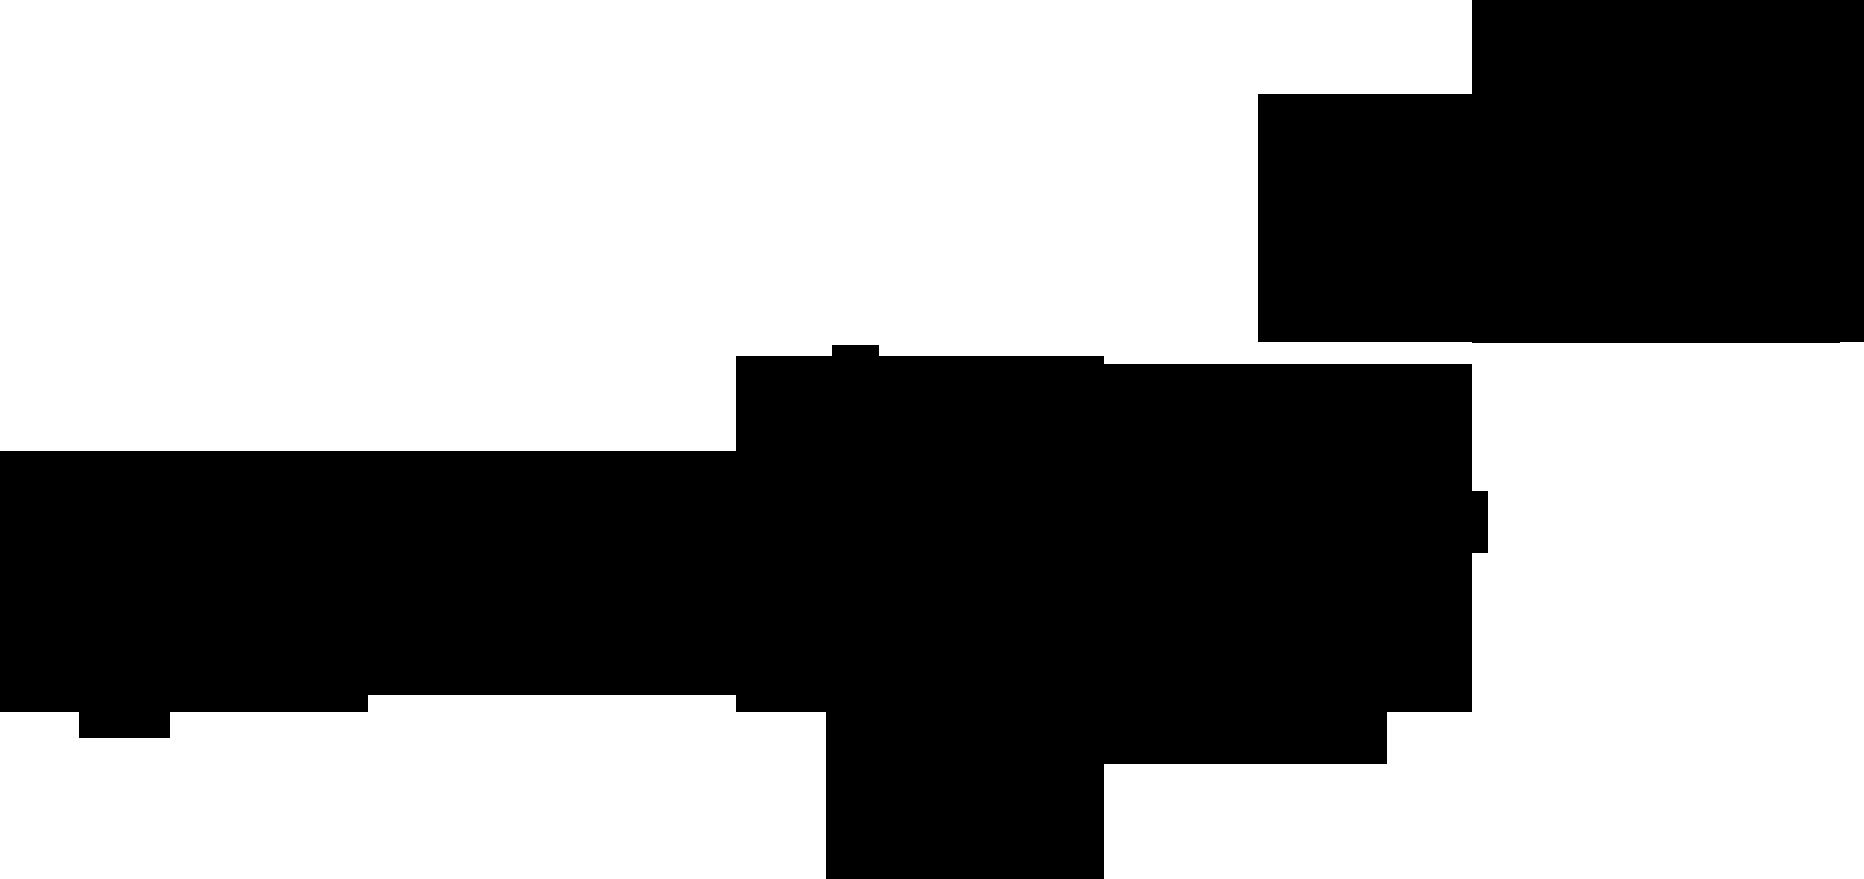 Дакомитиниб (dacomitinib).